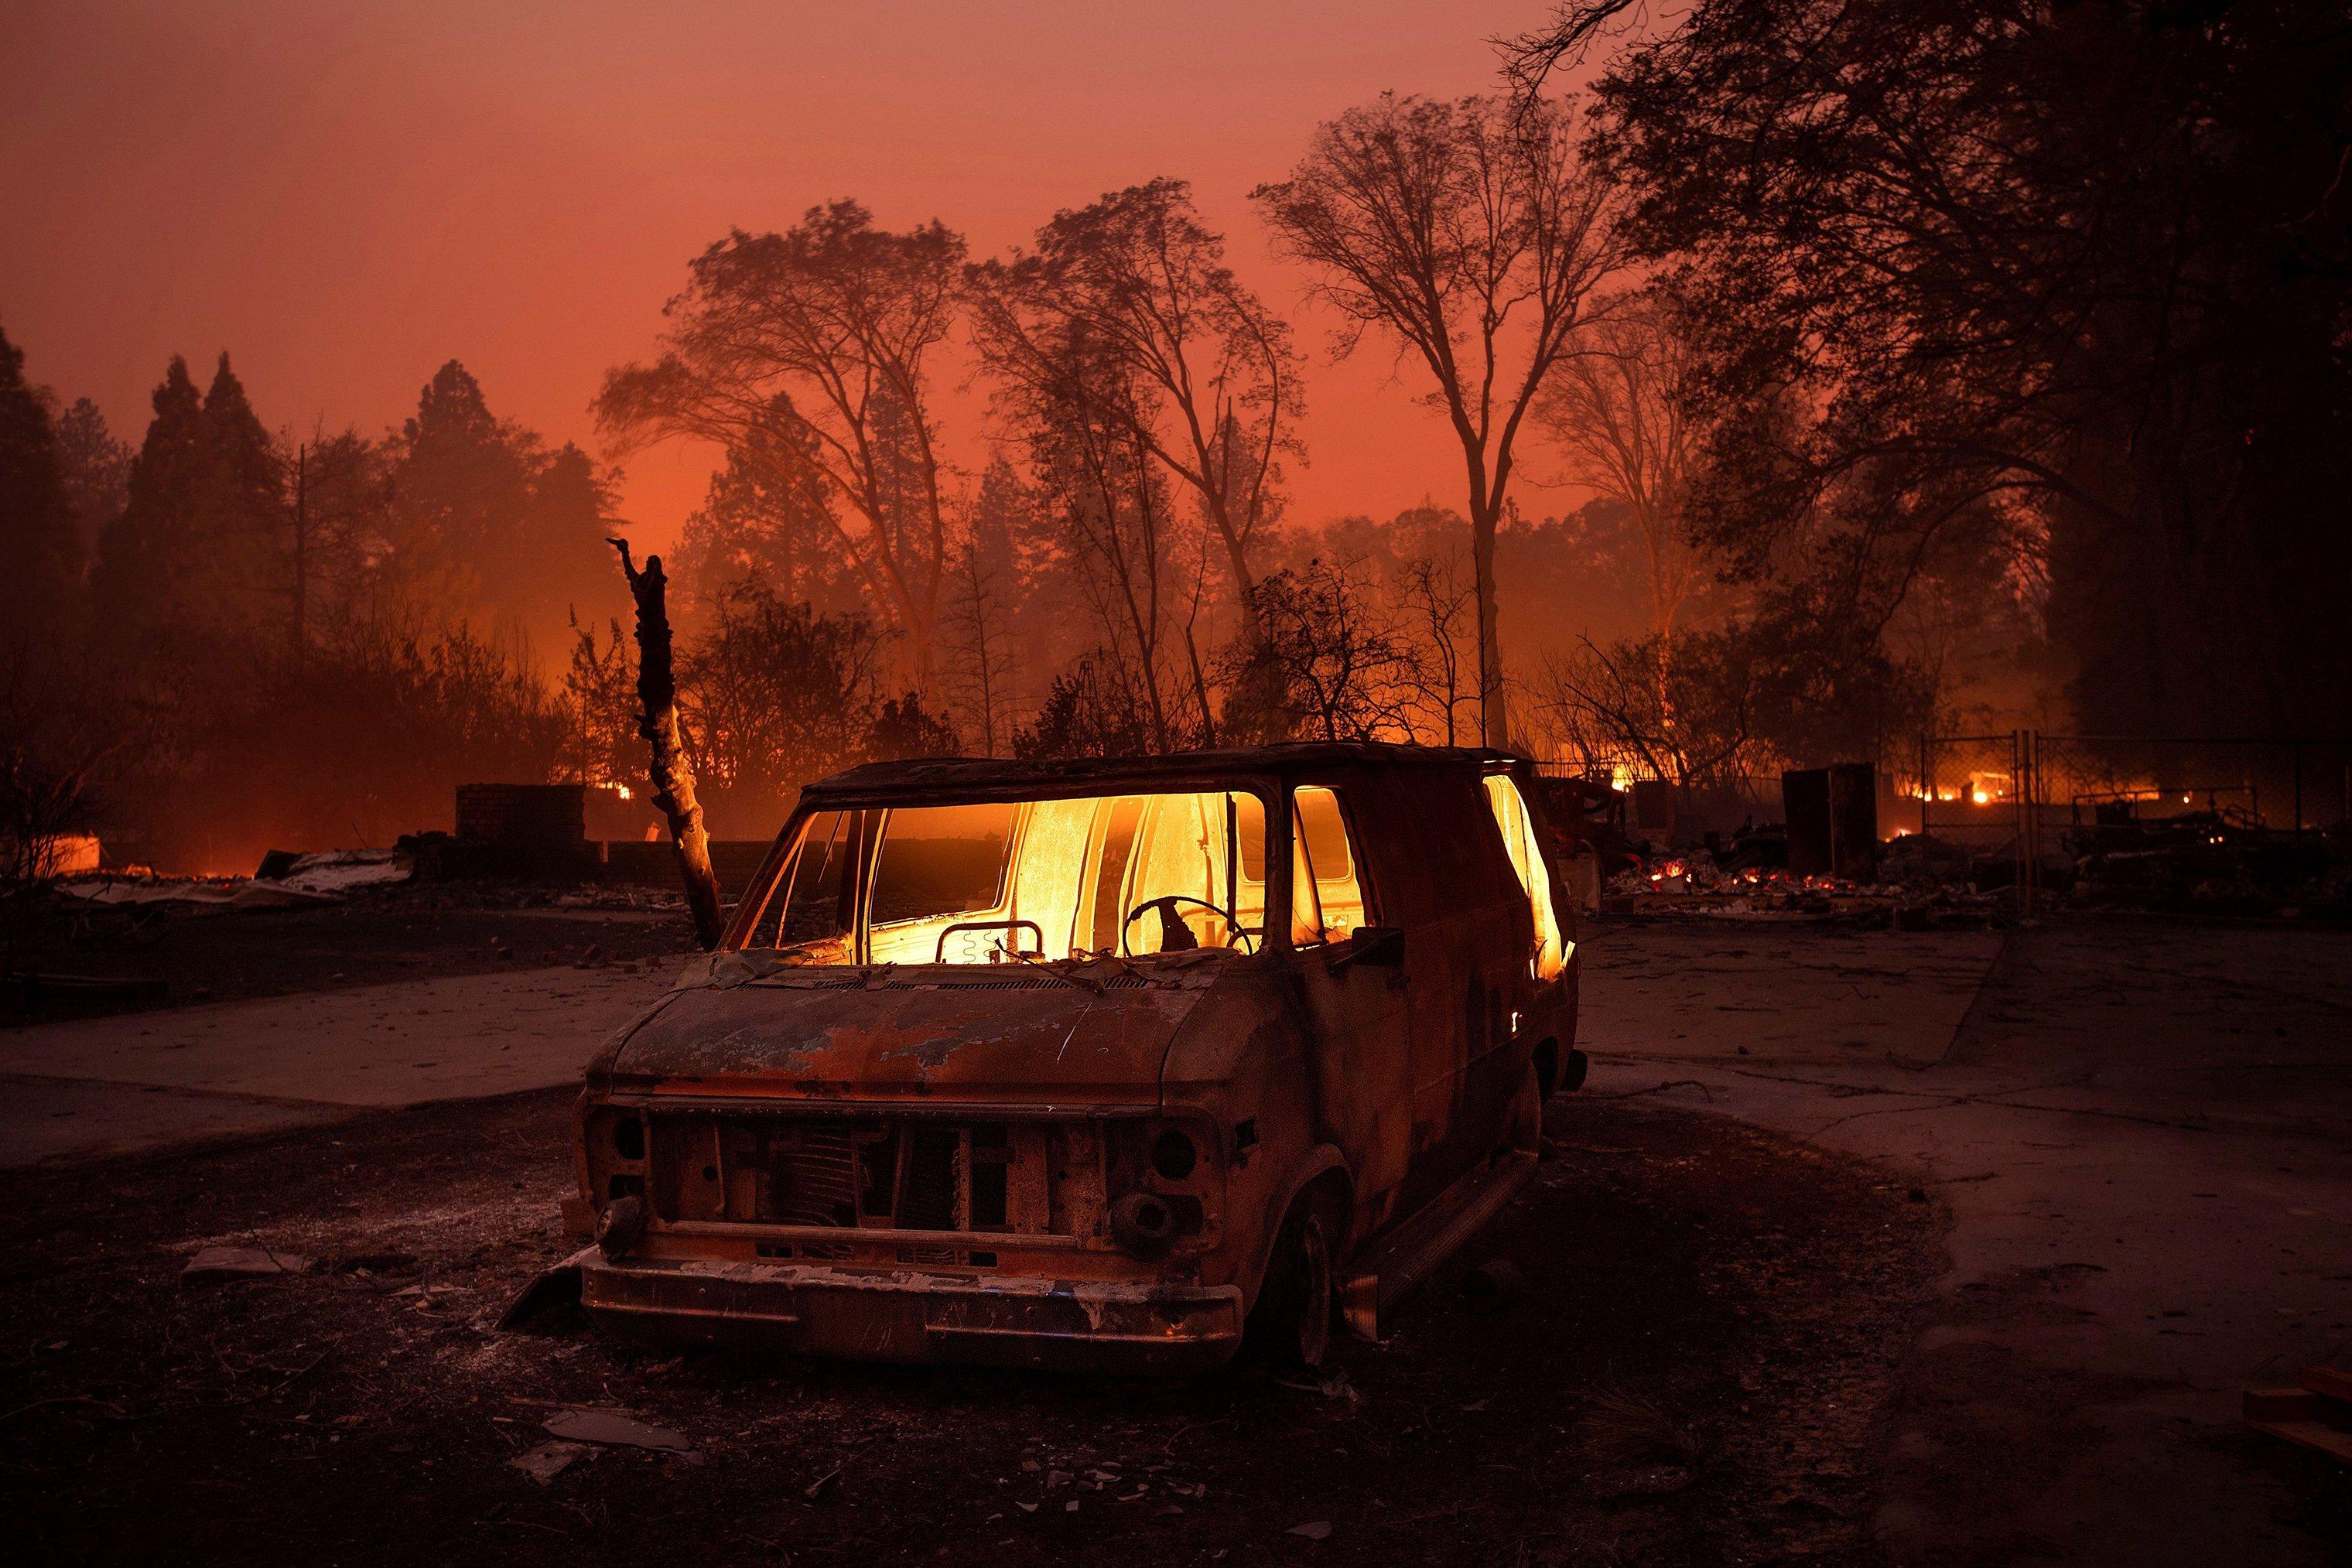 Στους 50 οι νεκροί από τις καταστροφικές πυρκαγιές στην Καλιφόρνια